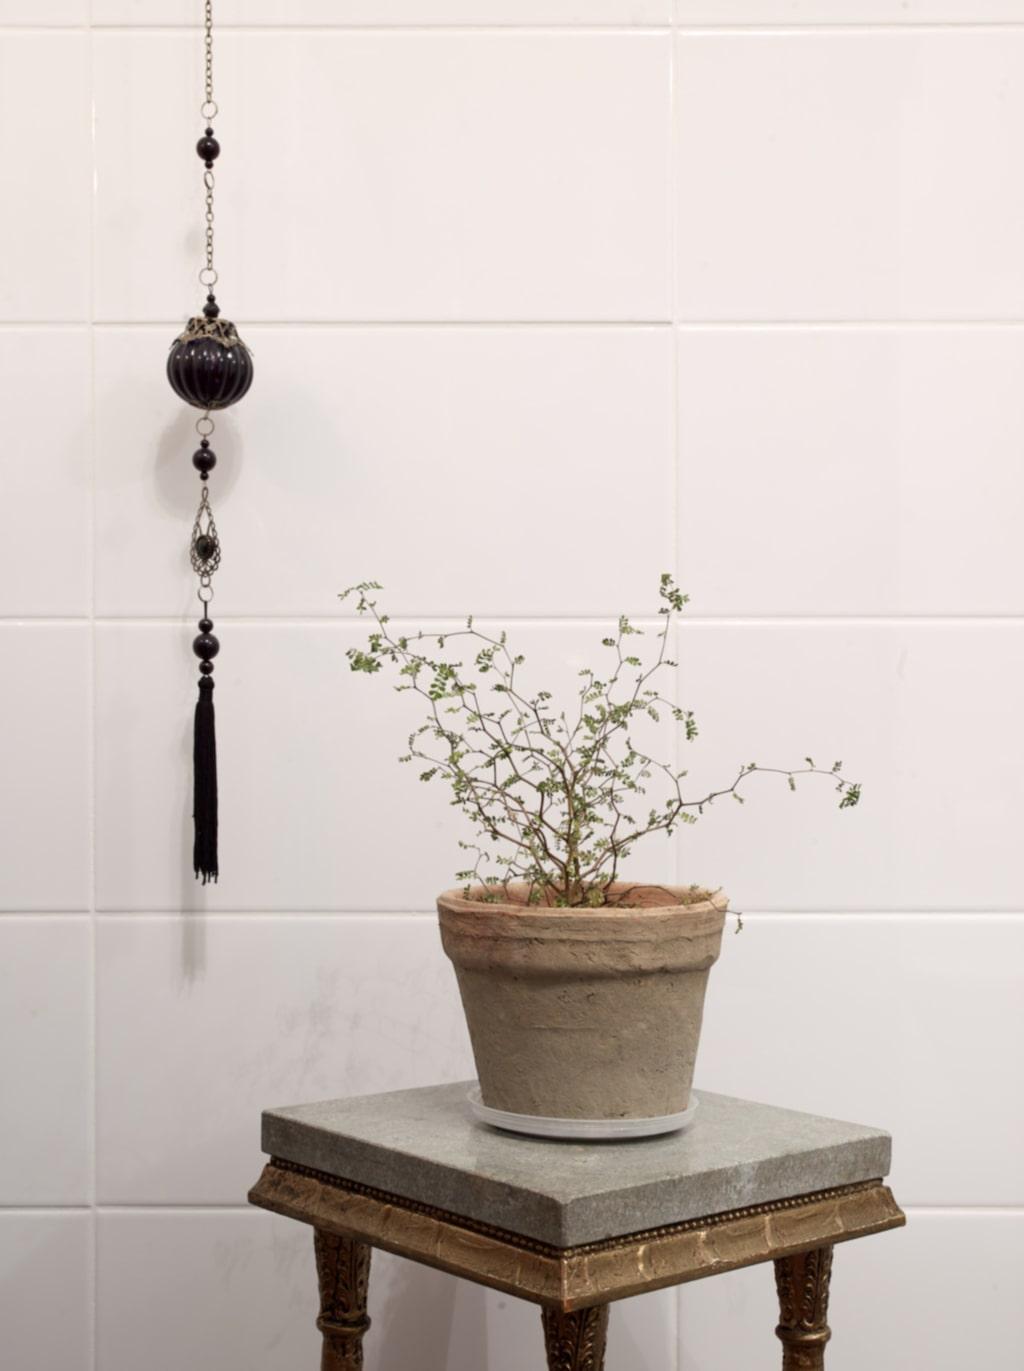 Guld & marmor. Lovisa älskar piedestaler, speciellt med guld och marmor. Detaljen som hänger i handdukshållaren kommer från Indiska.